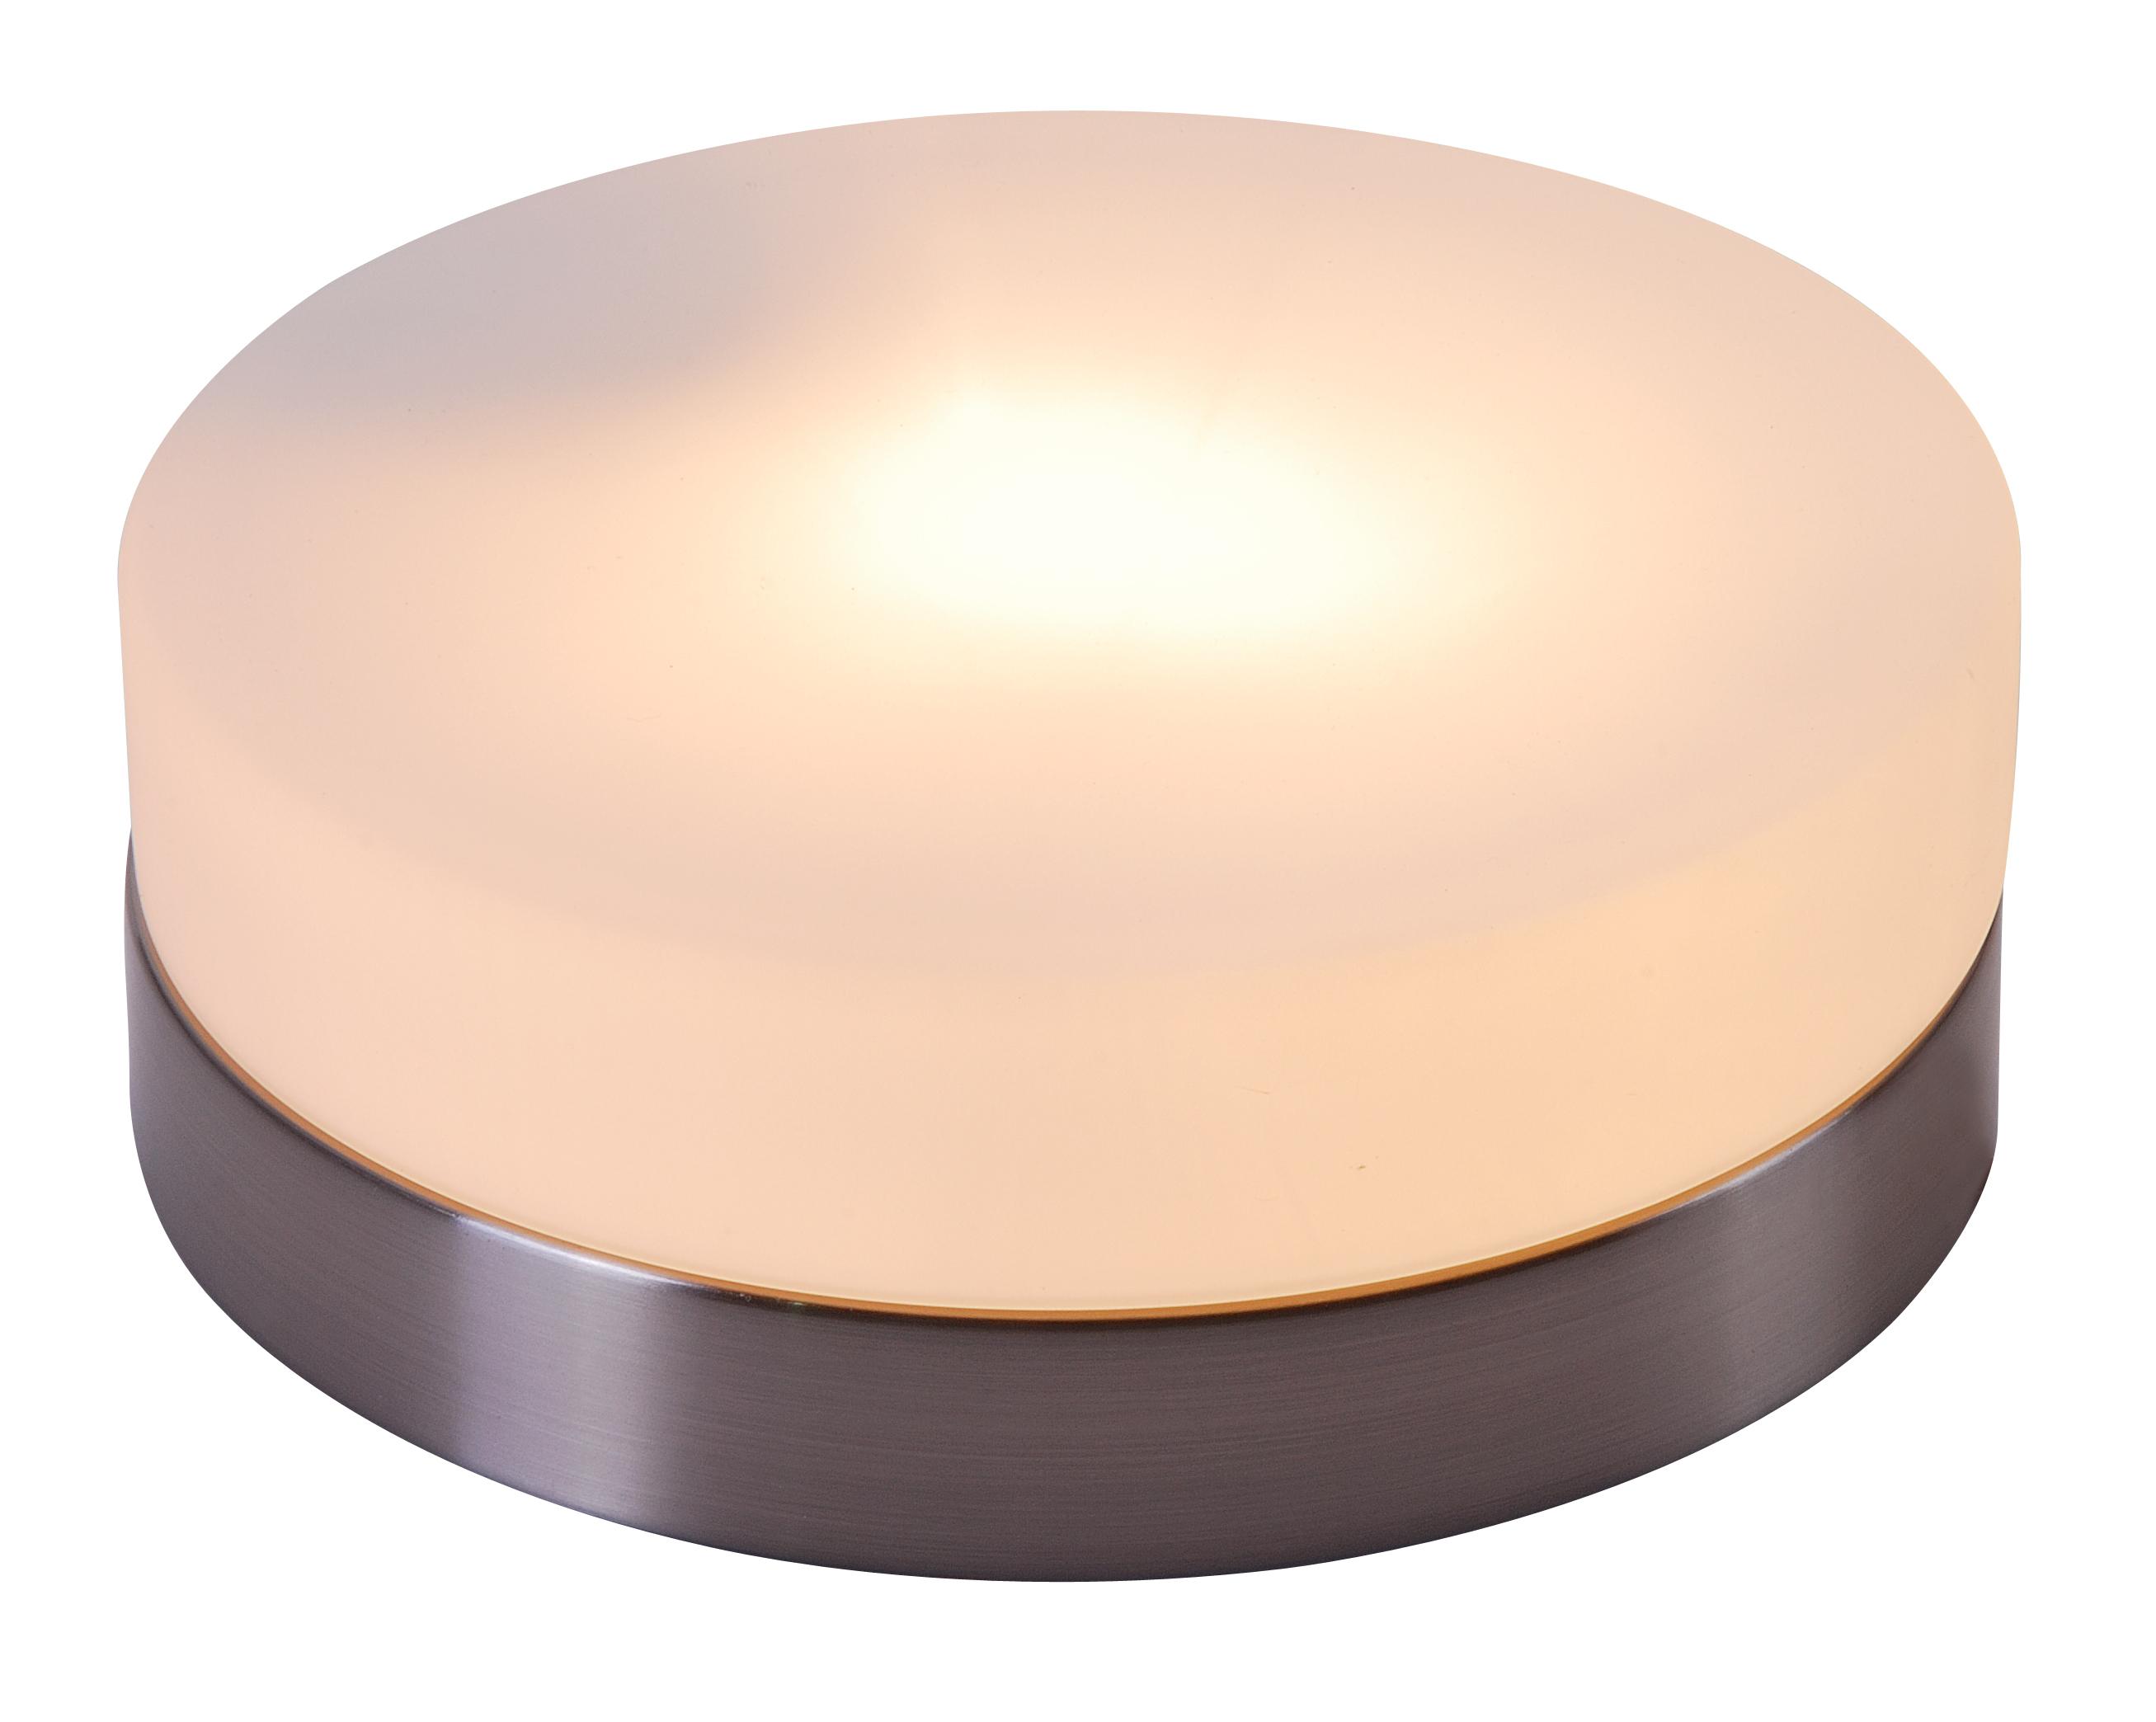 Настенно-потолочный светильник Globo Opal, серый потолочный светильник globo new 0332 серый металлик